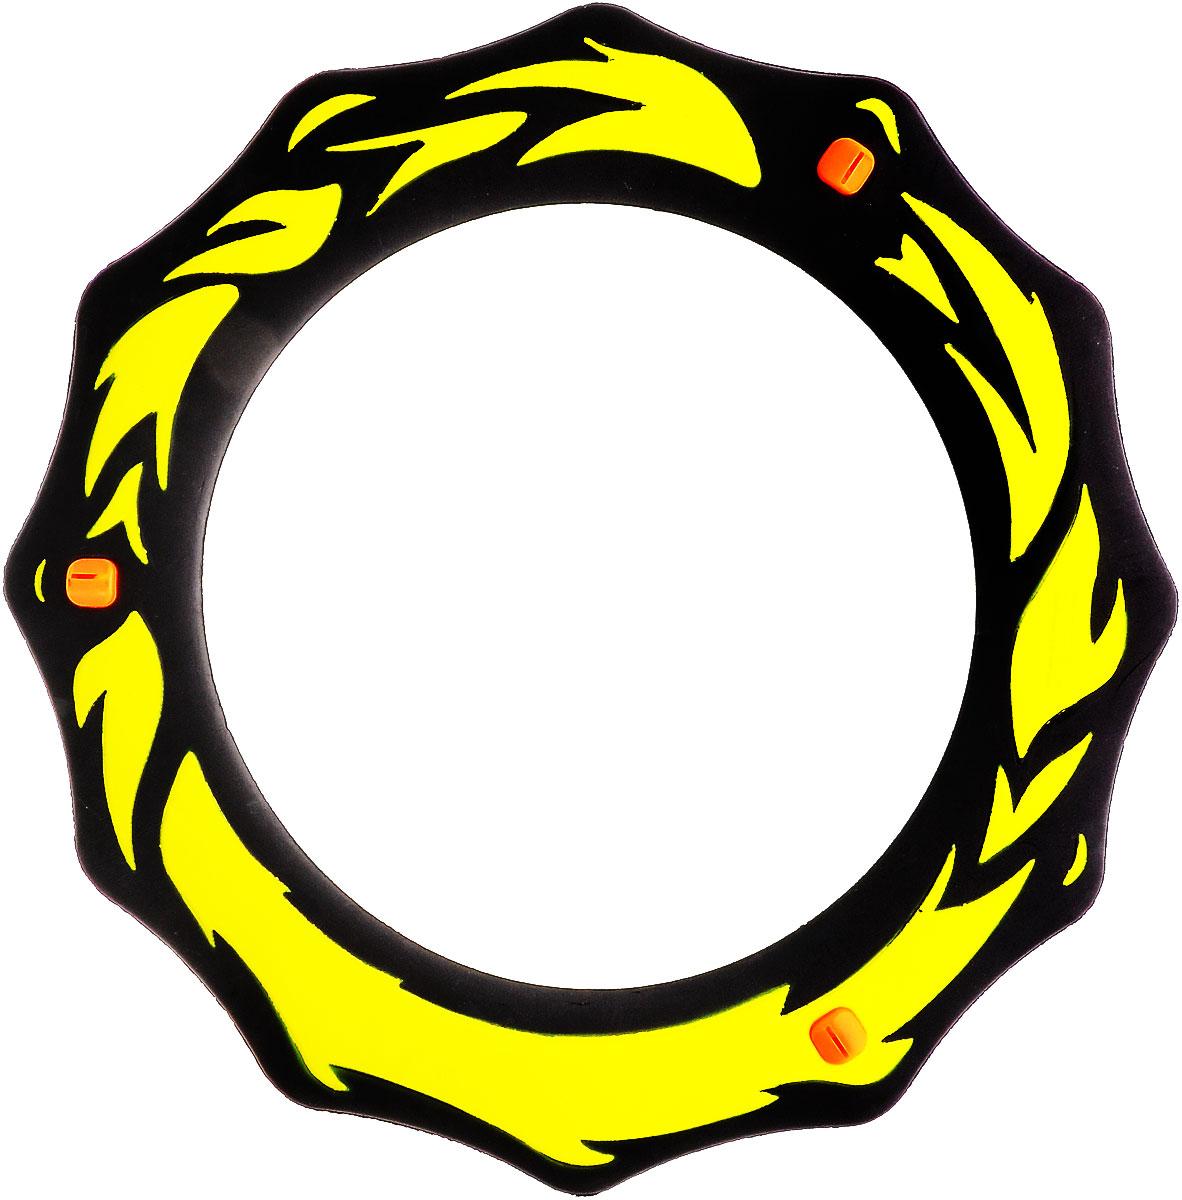 Simba Летающее кольцо цвет черный желтый7201411_черный, желтыйЛетающее кольцо сделает отдых на природе веселым и увлекательным. Оформленное стильными языками пламени, кольцо предназначено для полетов в воздухе. На поверхности кольца есть три желобка, которые при полете издают свист и делают игру еще веселее.